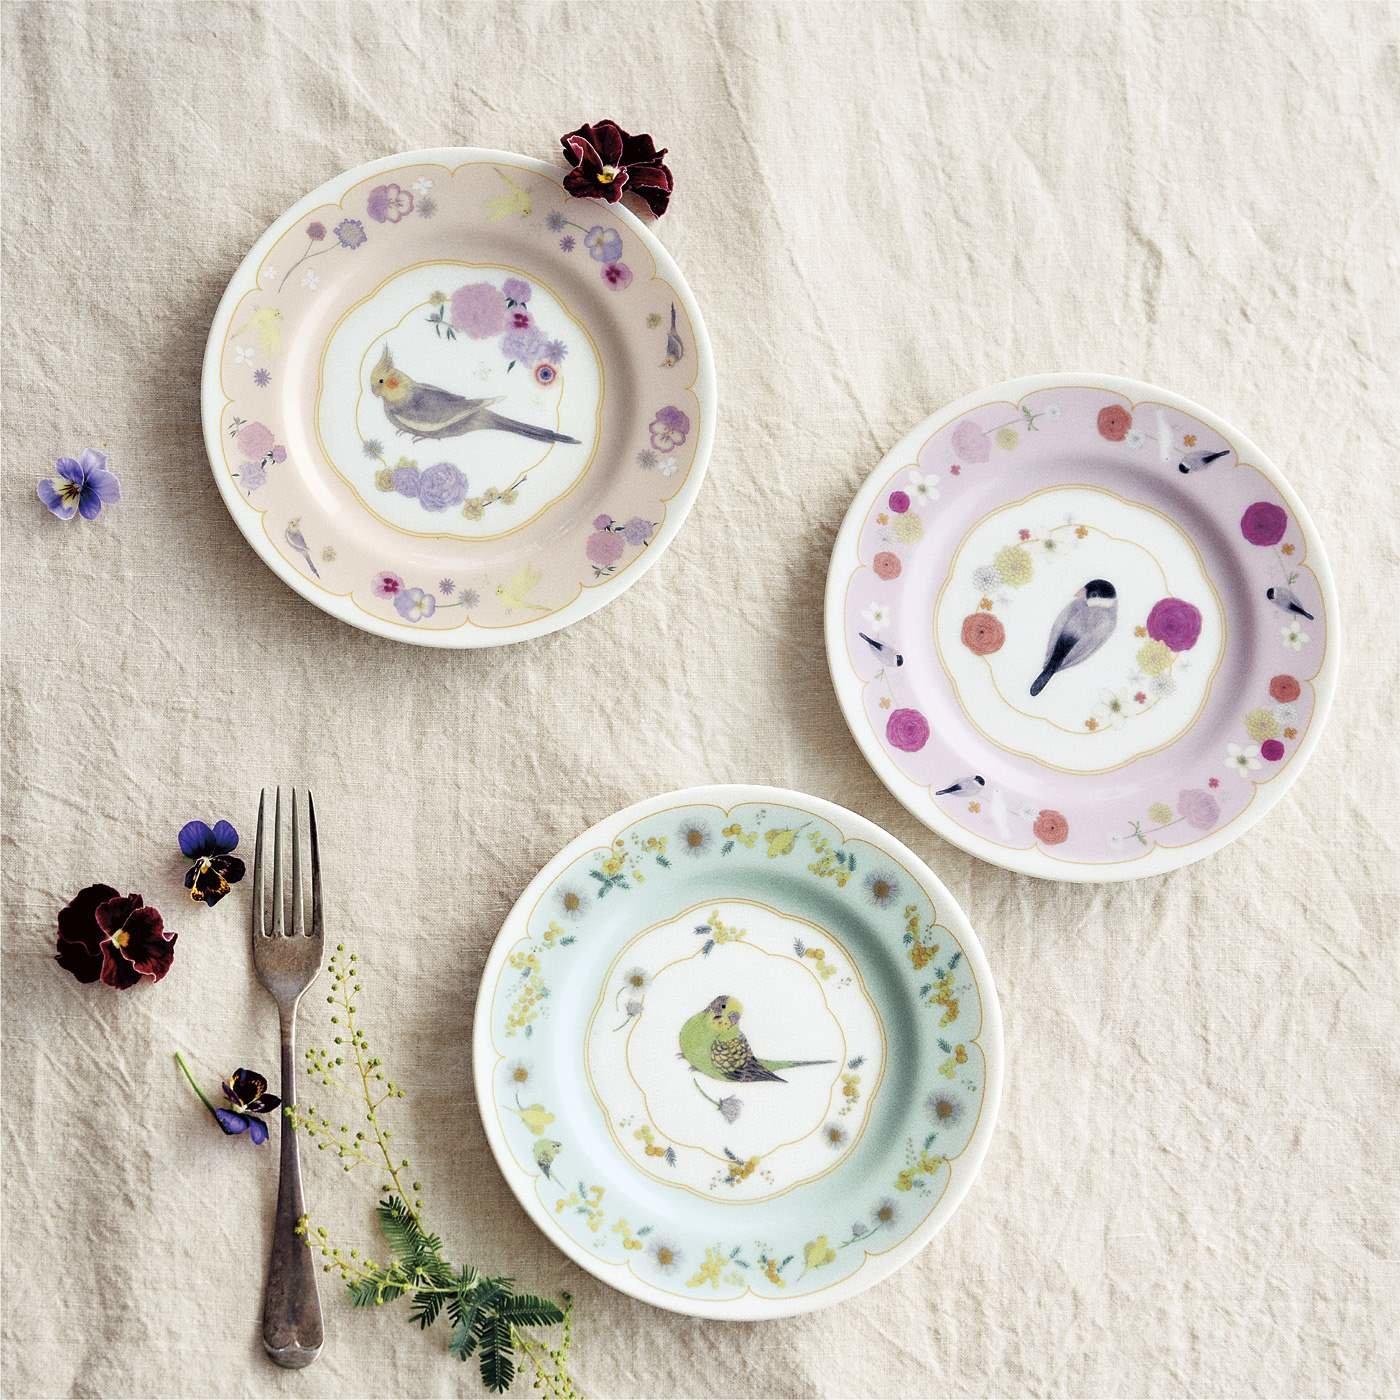 小鳥部 中澤季絵さんとつくった テーブルコーデが華やぐ 小鳥プレートの会